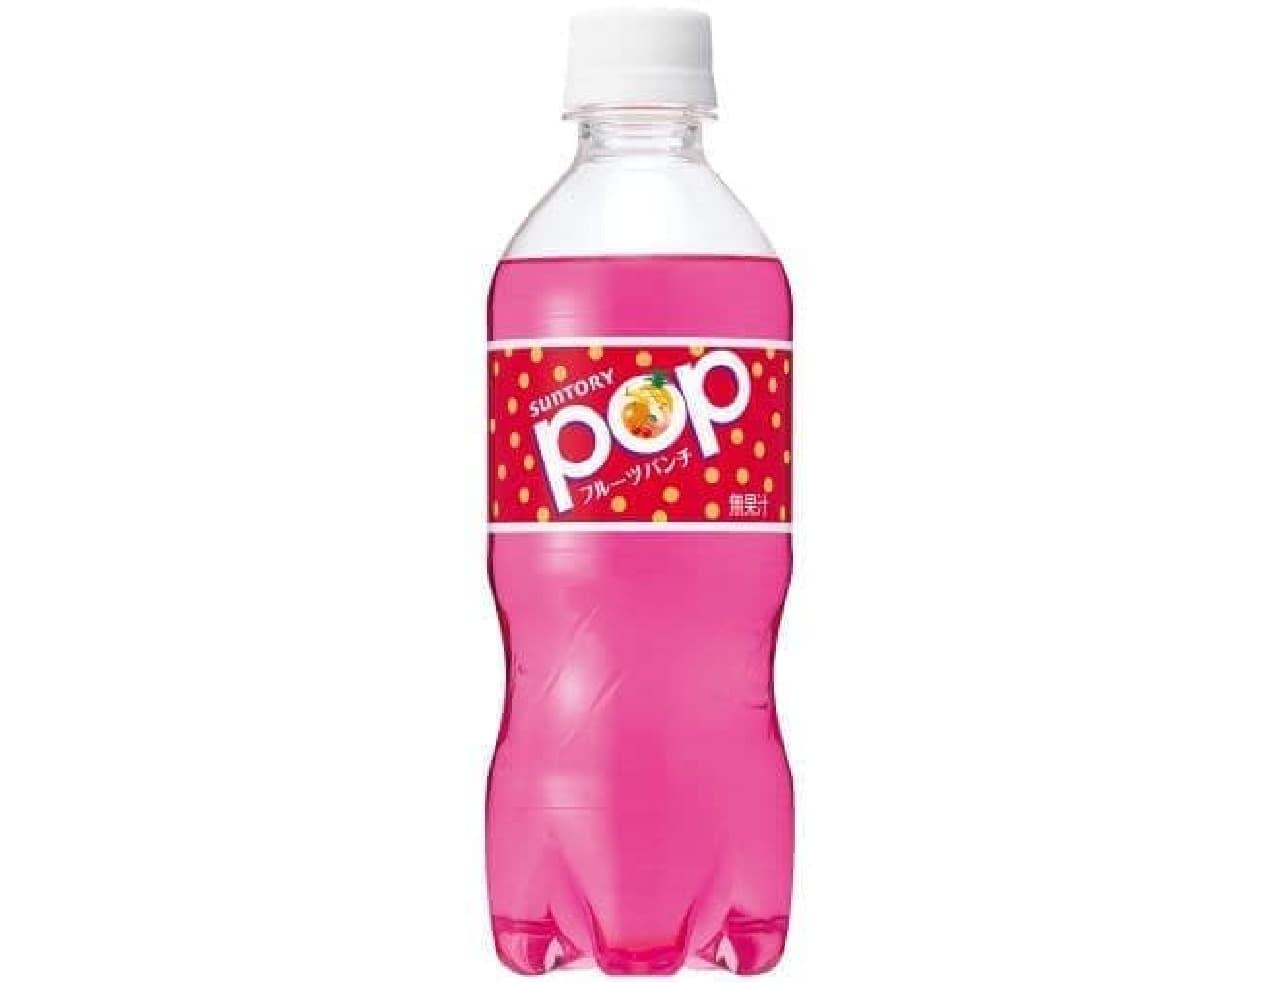 「POPフルーツパンチ」は、フルーツミックス味の炭酸飲料